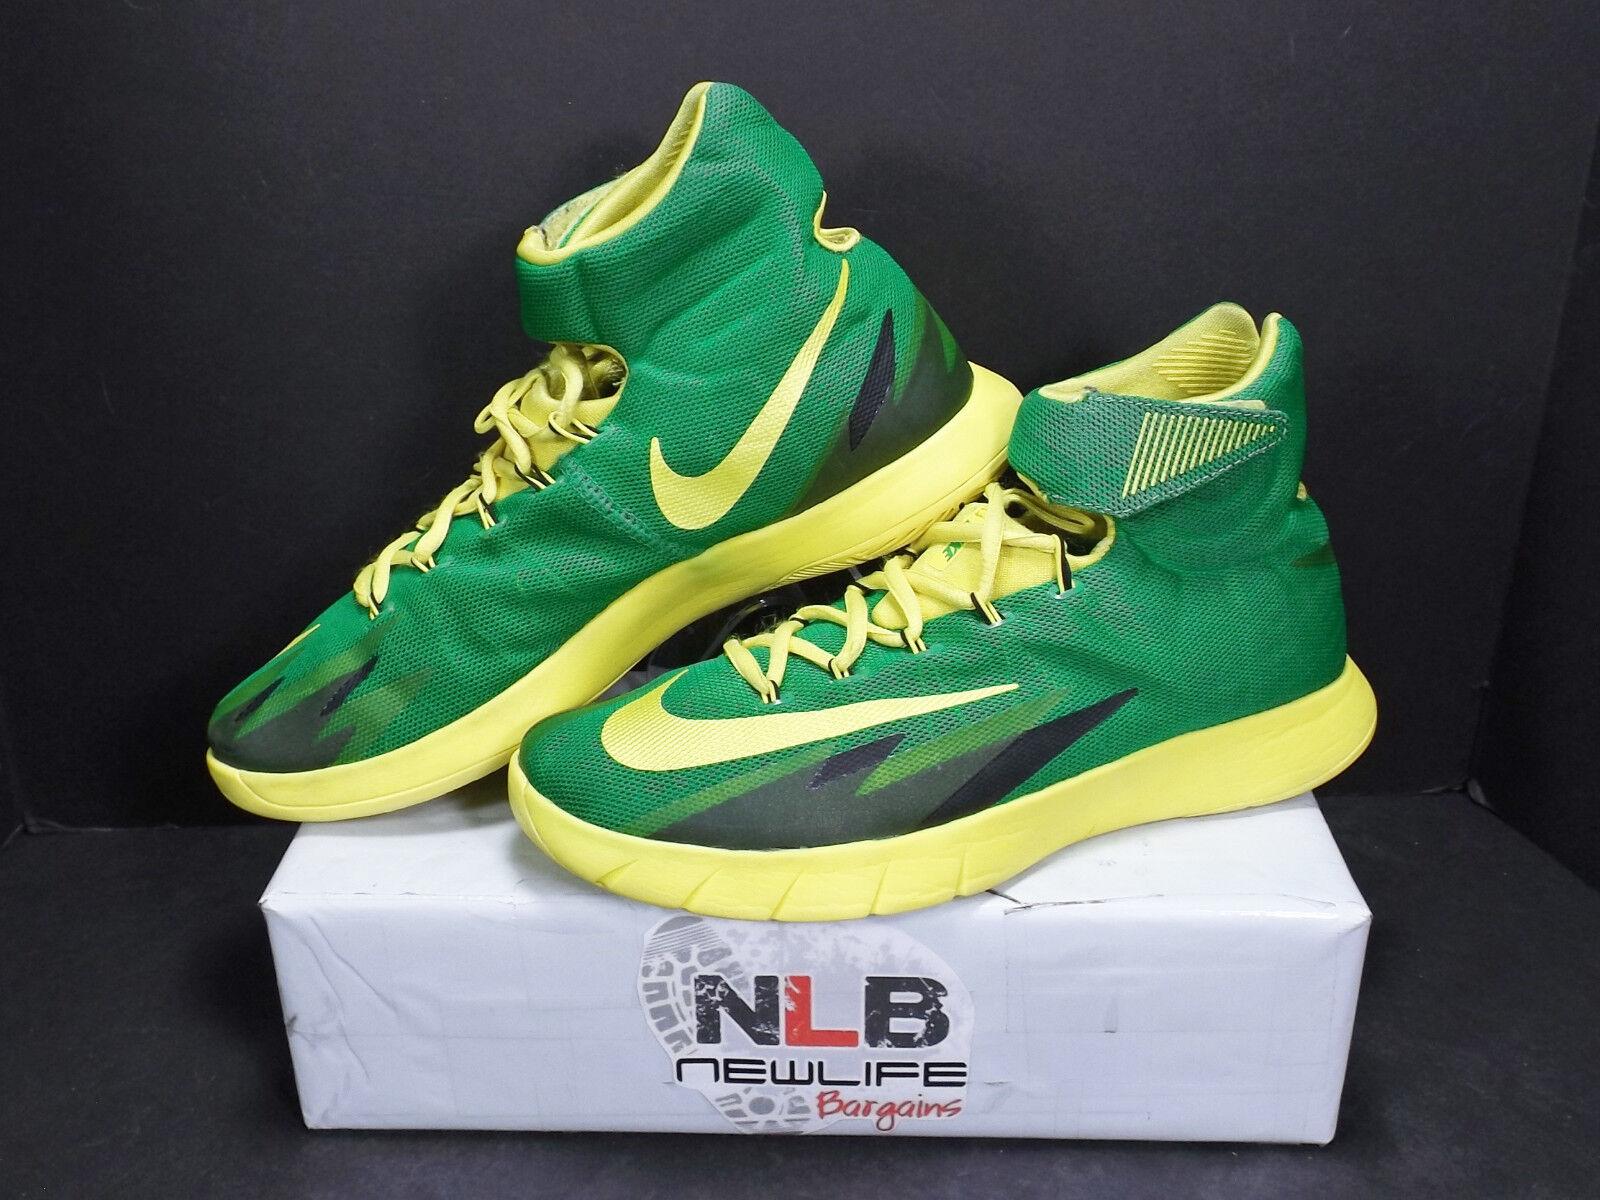 Nike Zoom hyperrev 630913-300 Verde / comodo amarillo hombres es comodo / precio de temporada corta, beneficios de descuentos 5f1fdb